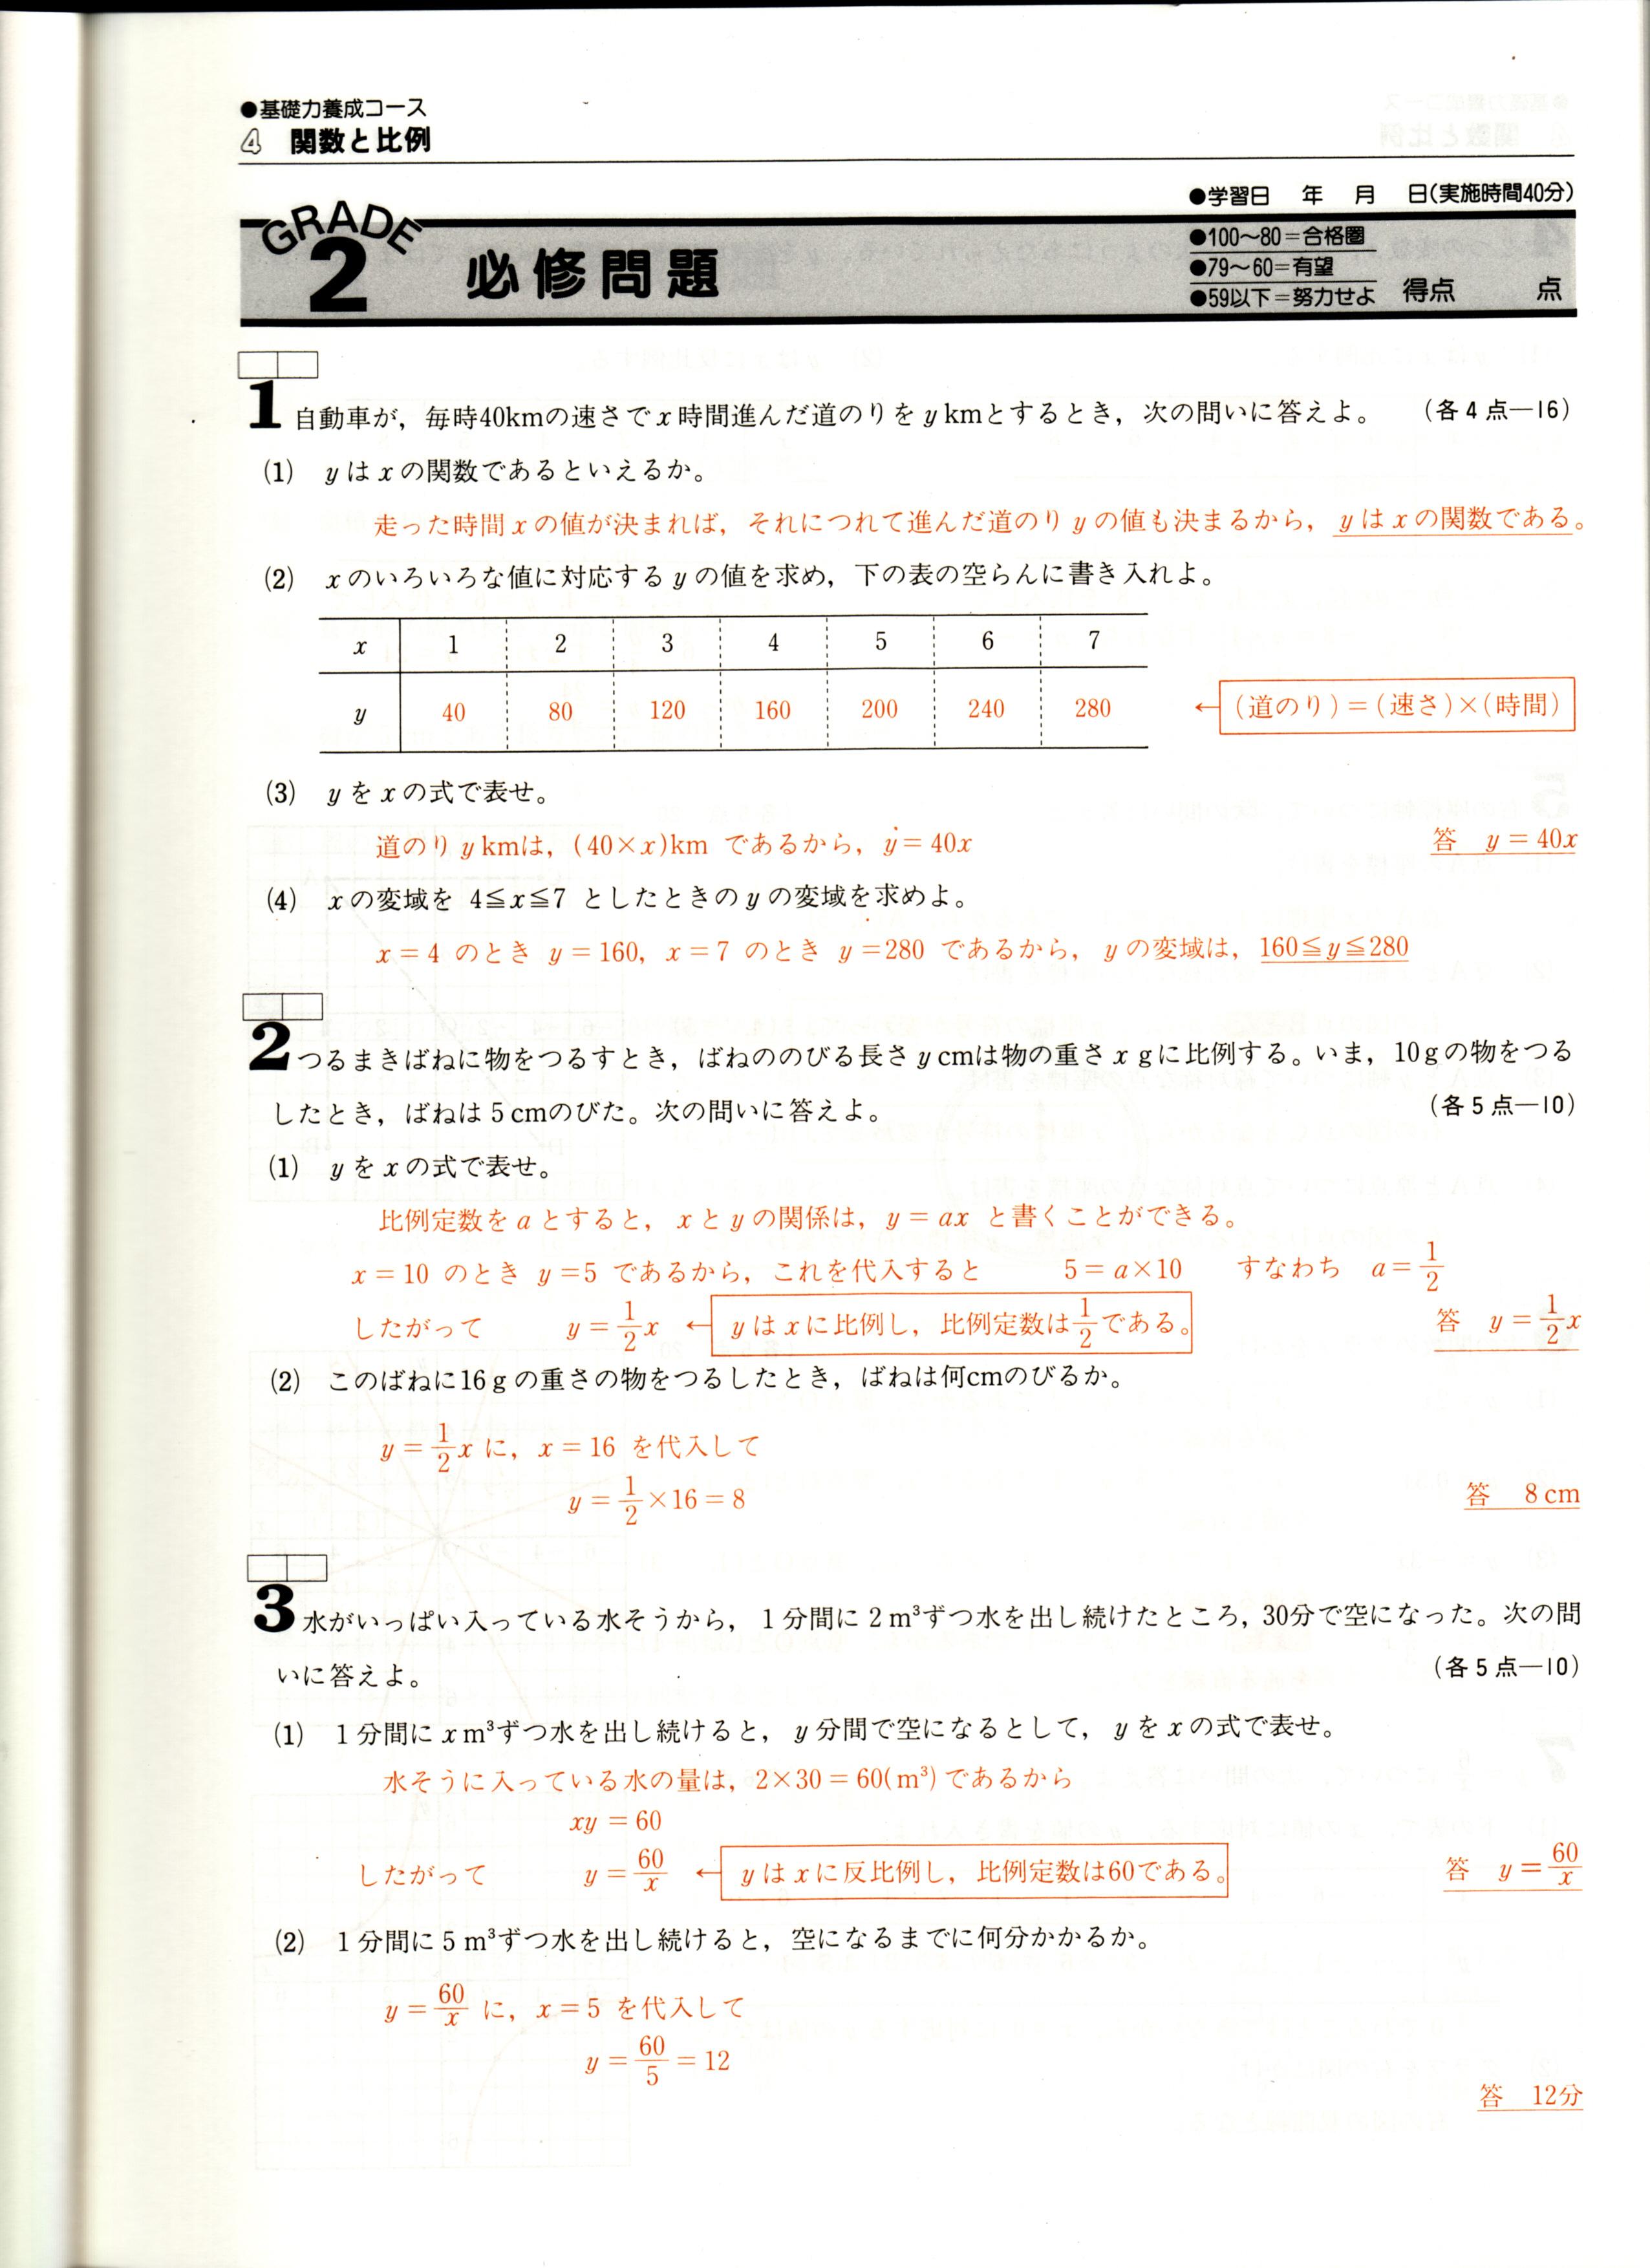 高校受験教材 グレード2 必修問題 数学 解答・解説